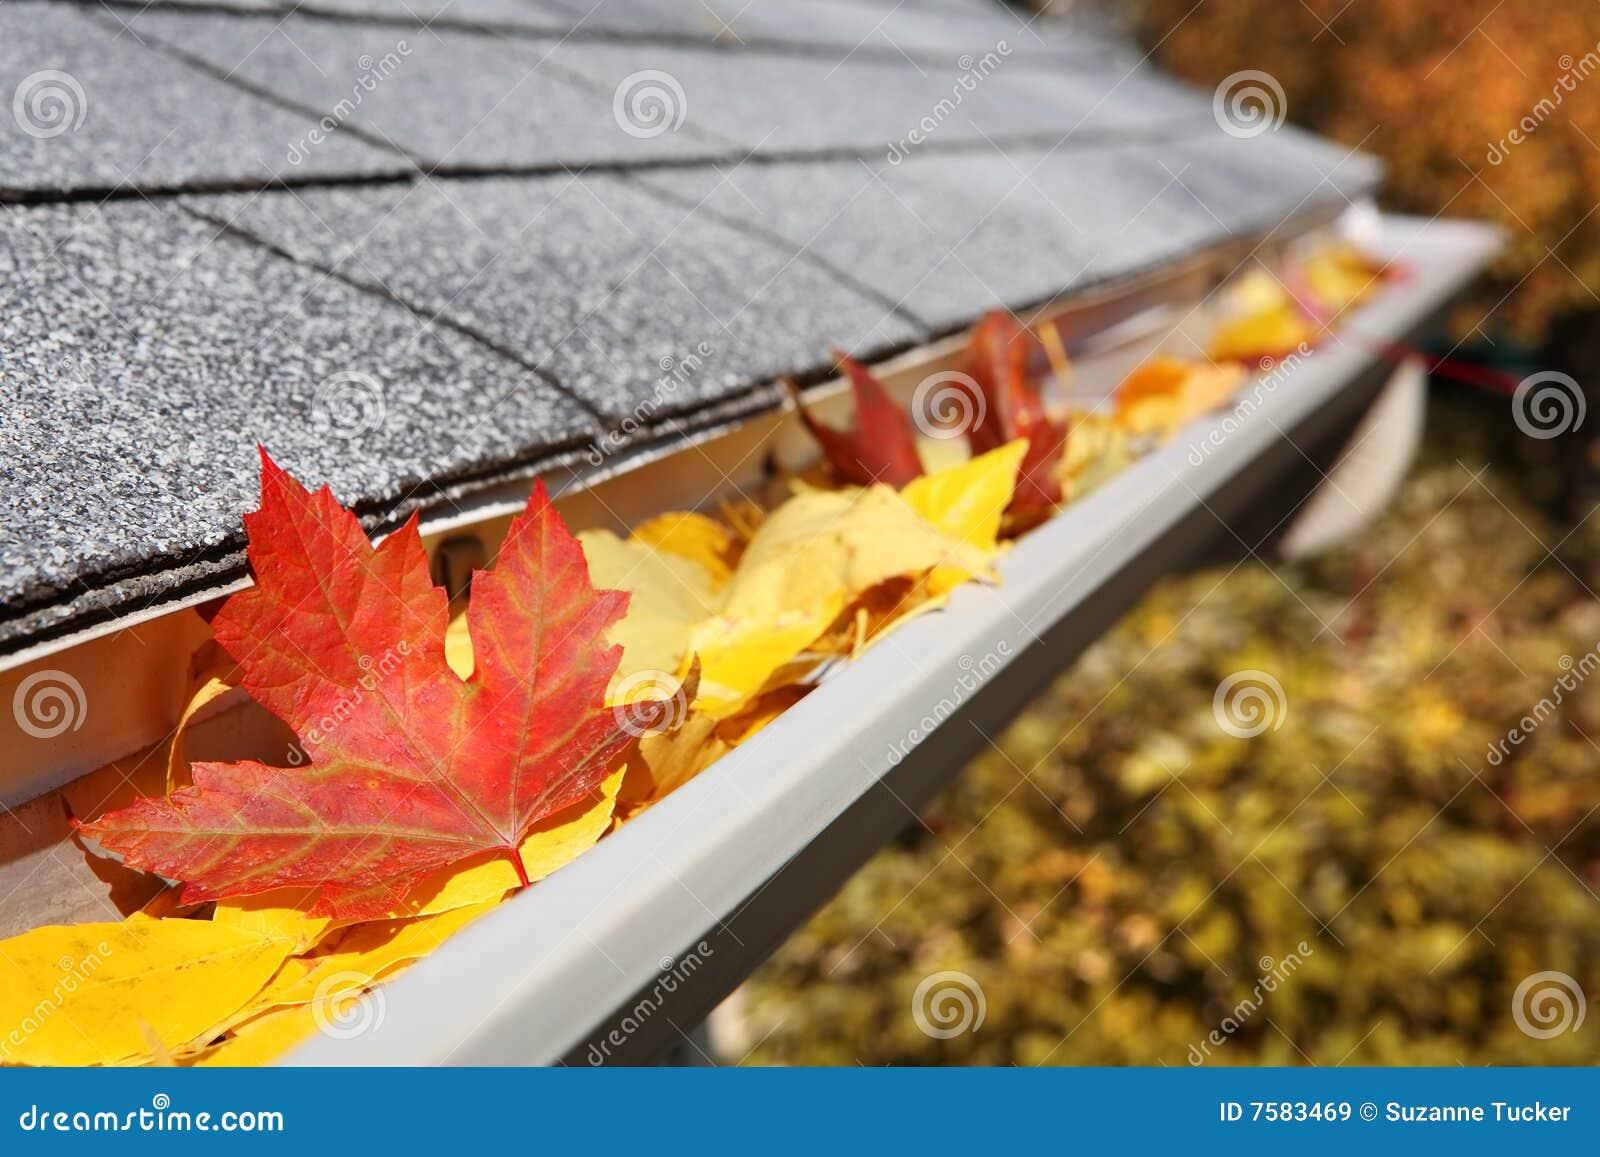 Rain Gutter Full Of Leaves Royalty Free Stock Images